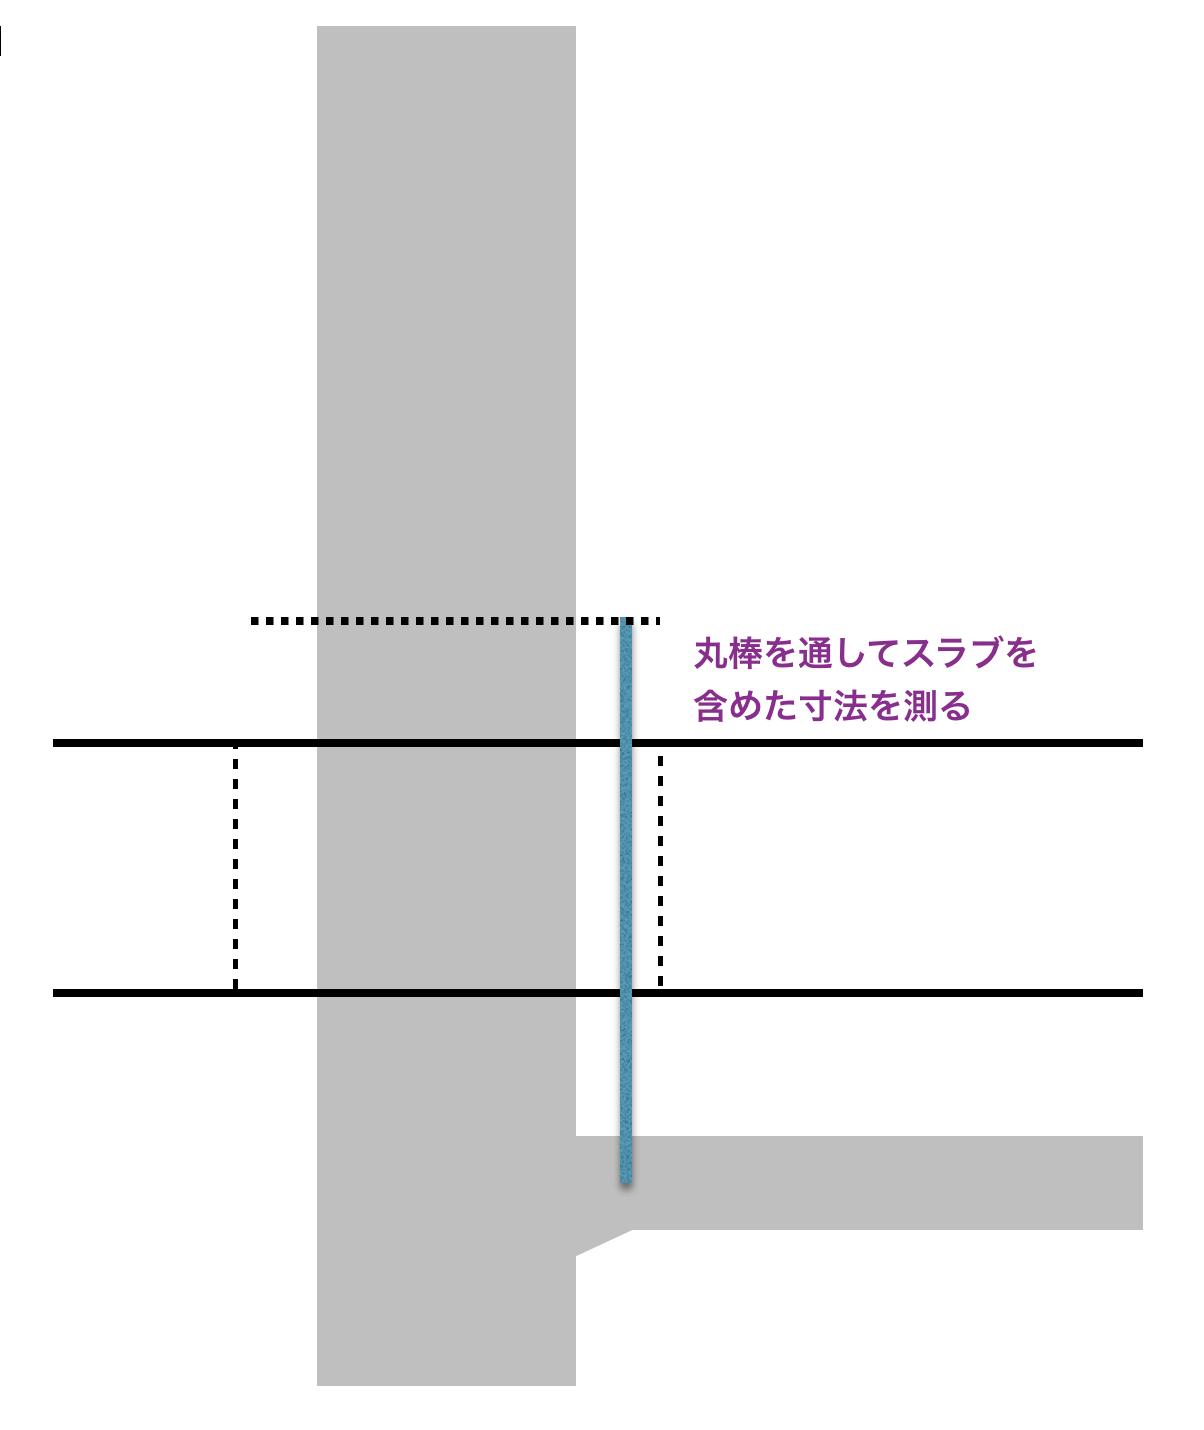 スラブ貫通の寸法